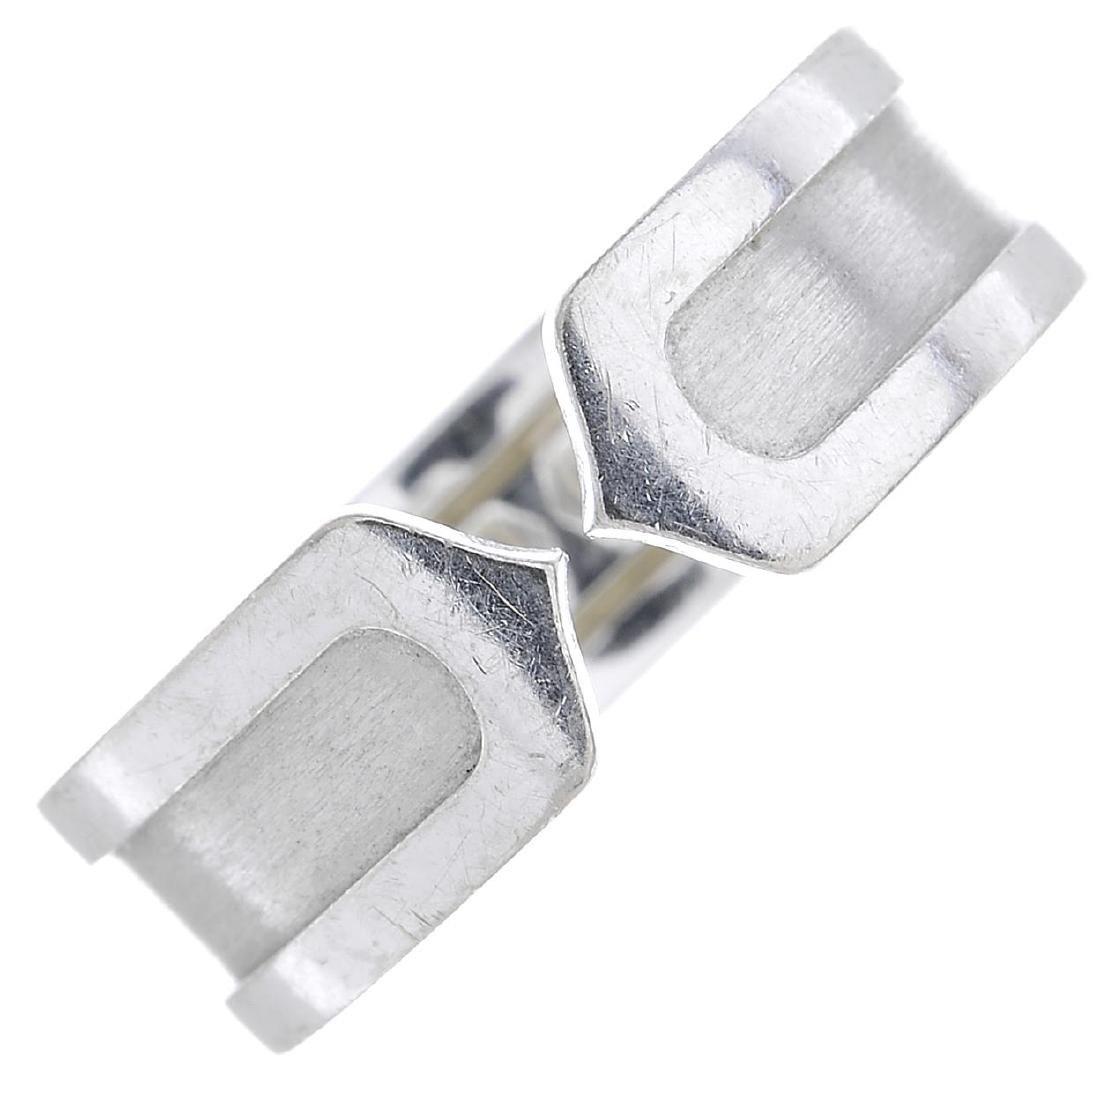 CARTIER - a 'C de Cartier' ring. Designed as an